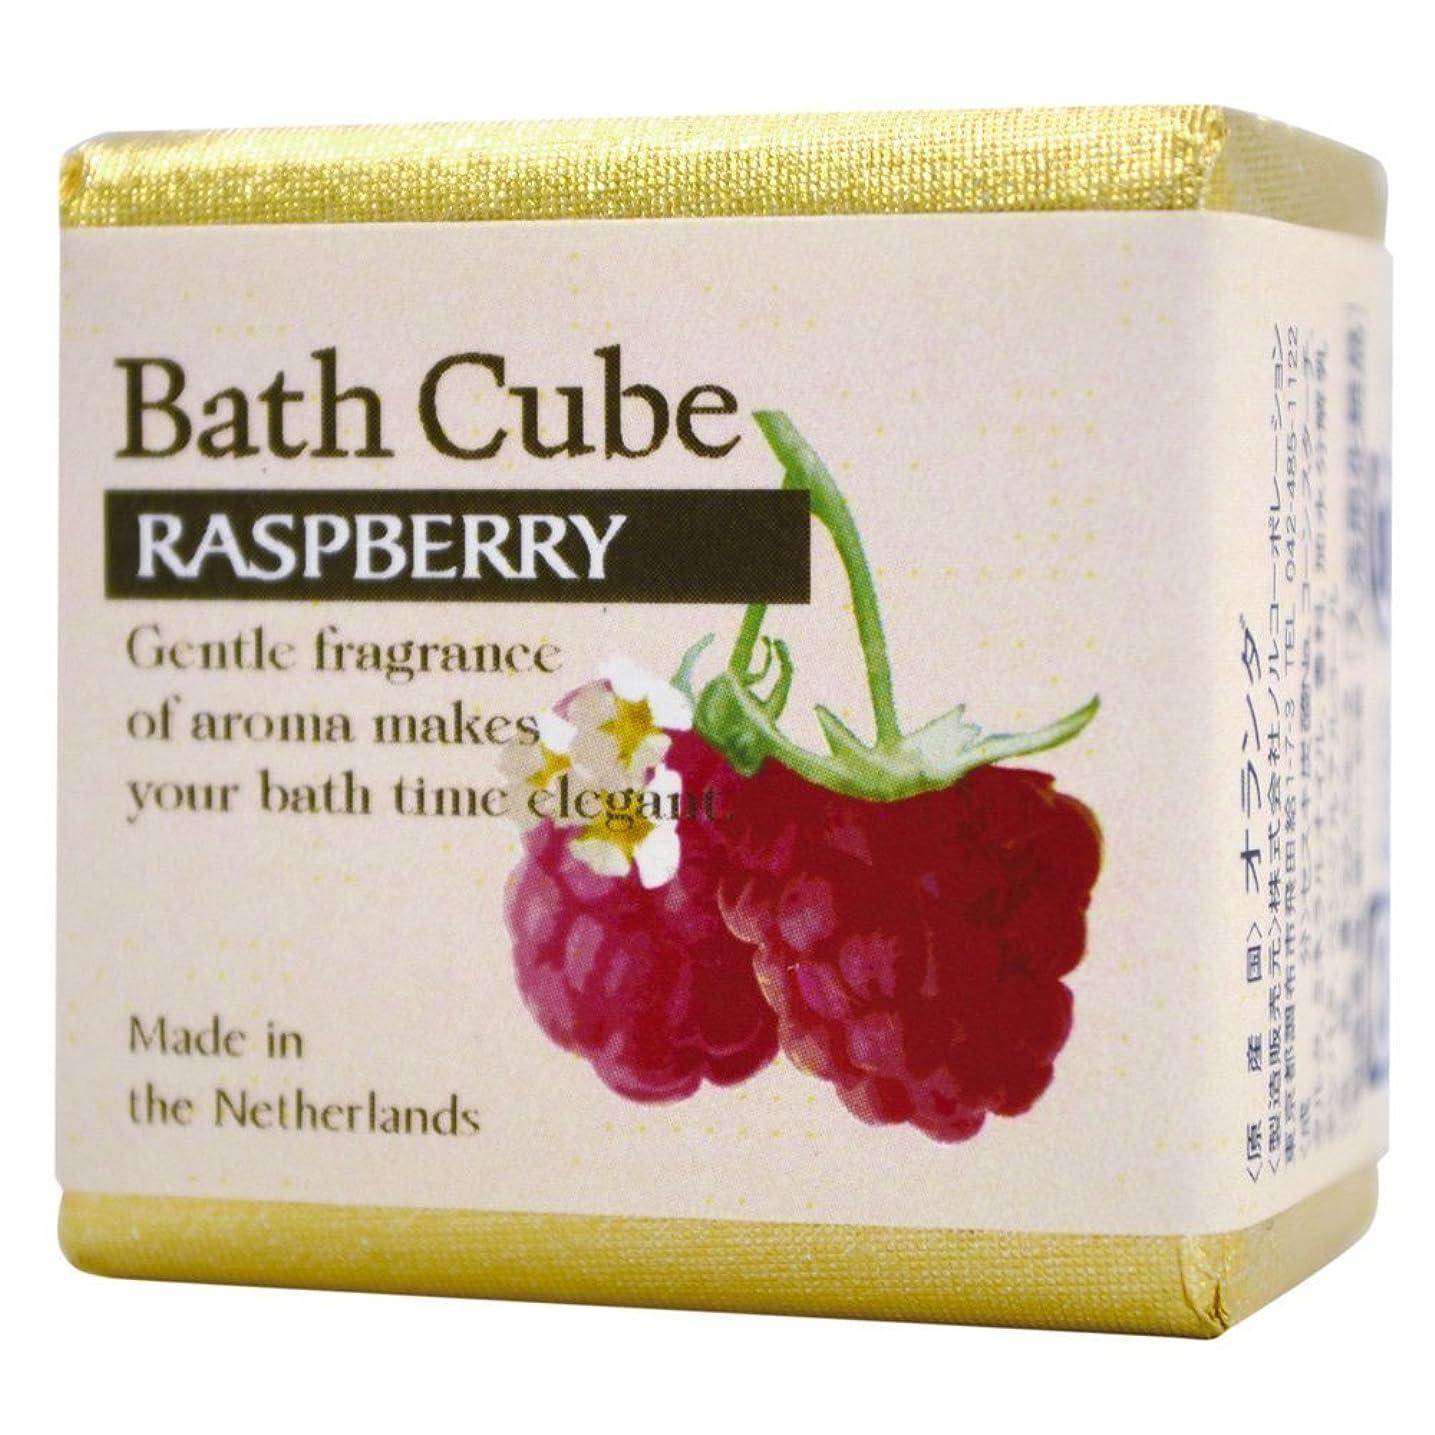 発音悪性小学生フレグランスバスキューブ ラズベリー 12個入 摘みたてのジューシーな香り